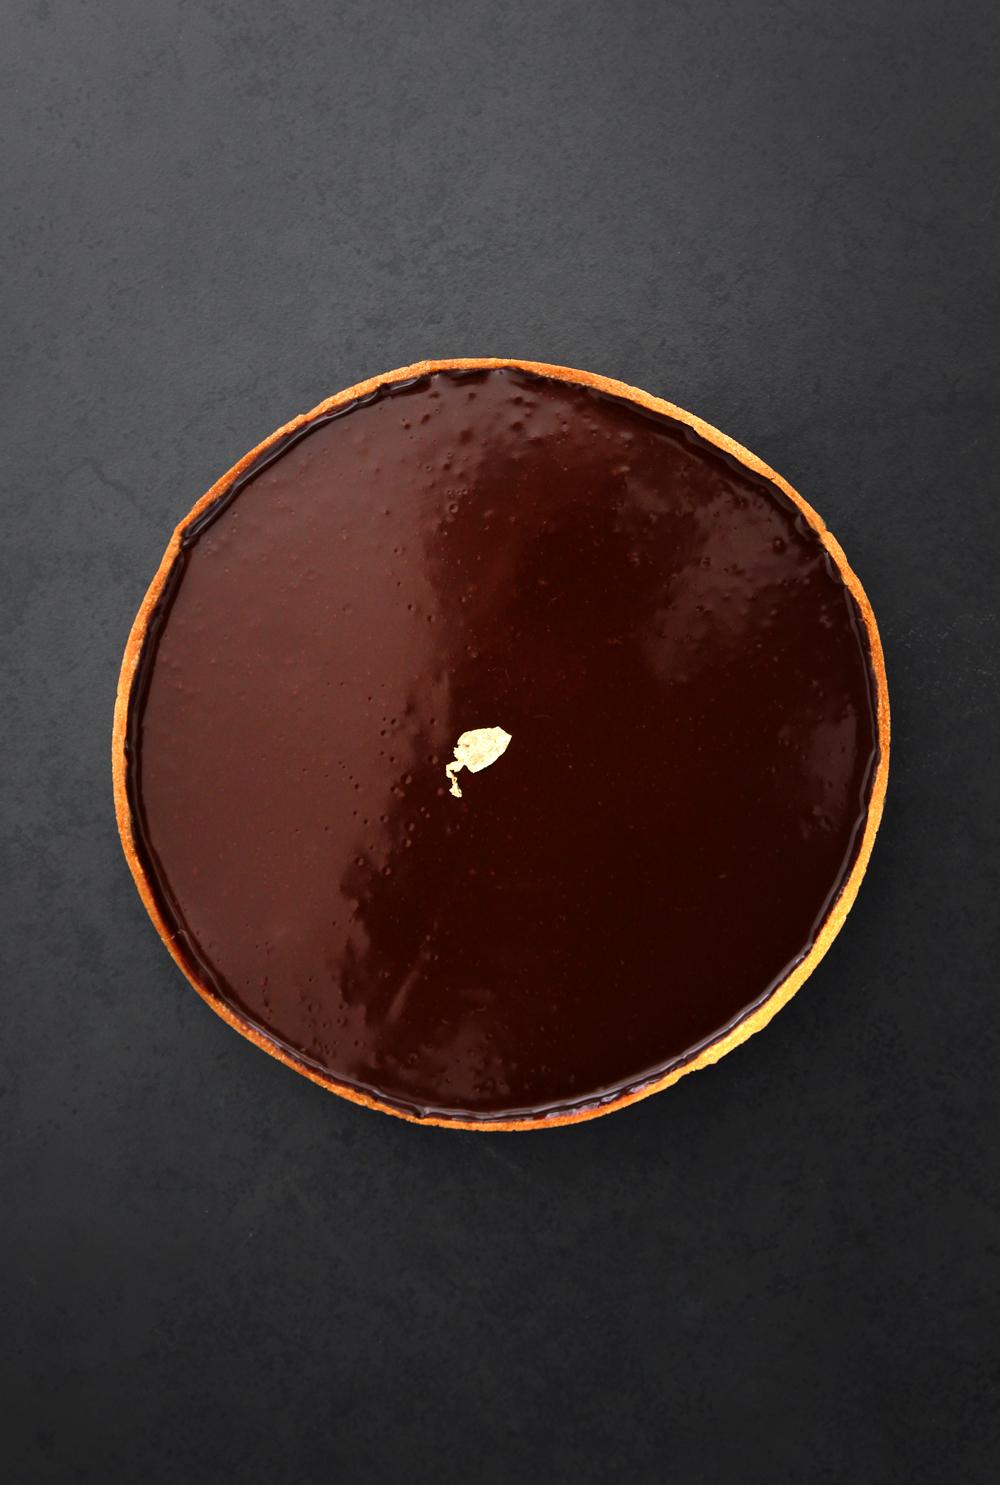 טארט שוקולד של ז'אק ז'נה